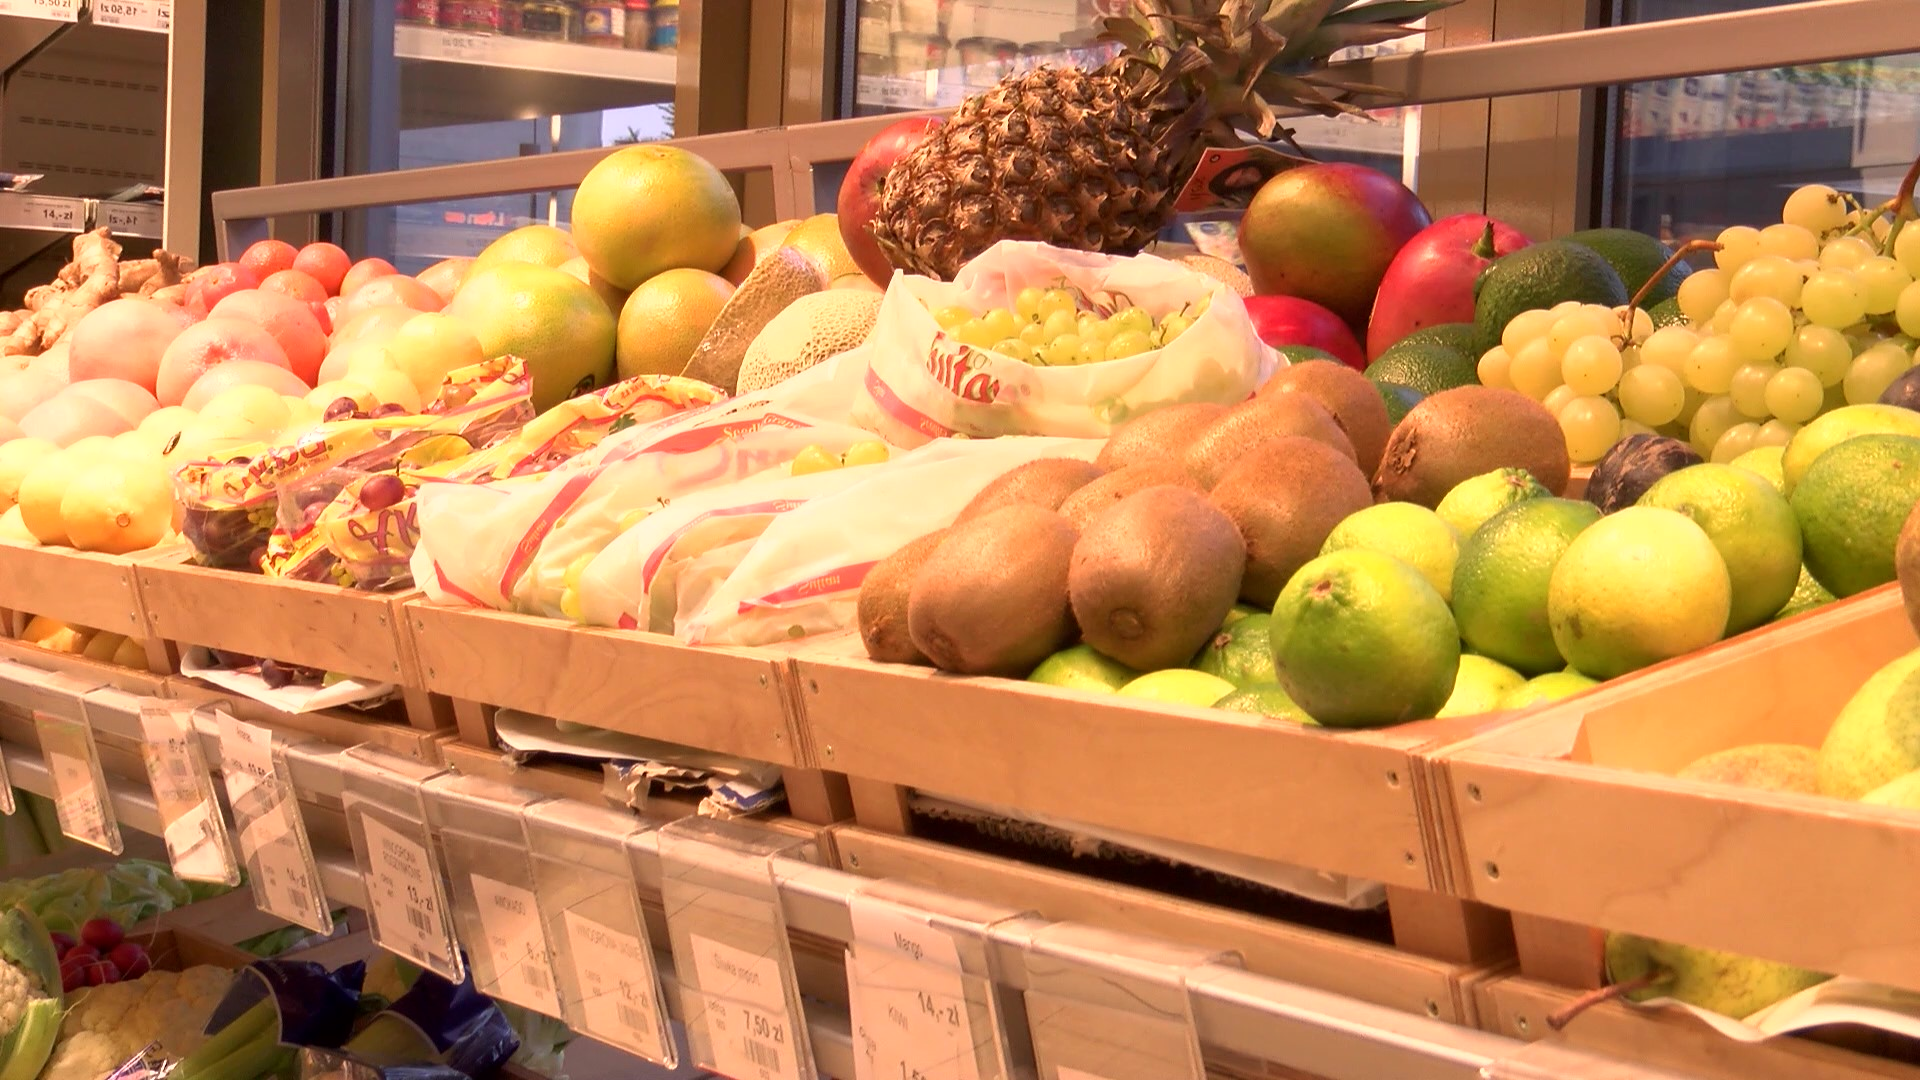 Wysoki poziom cholesterolu coraz większym zagrożeniem dla Polaków